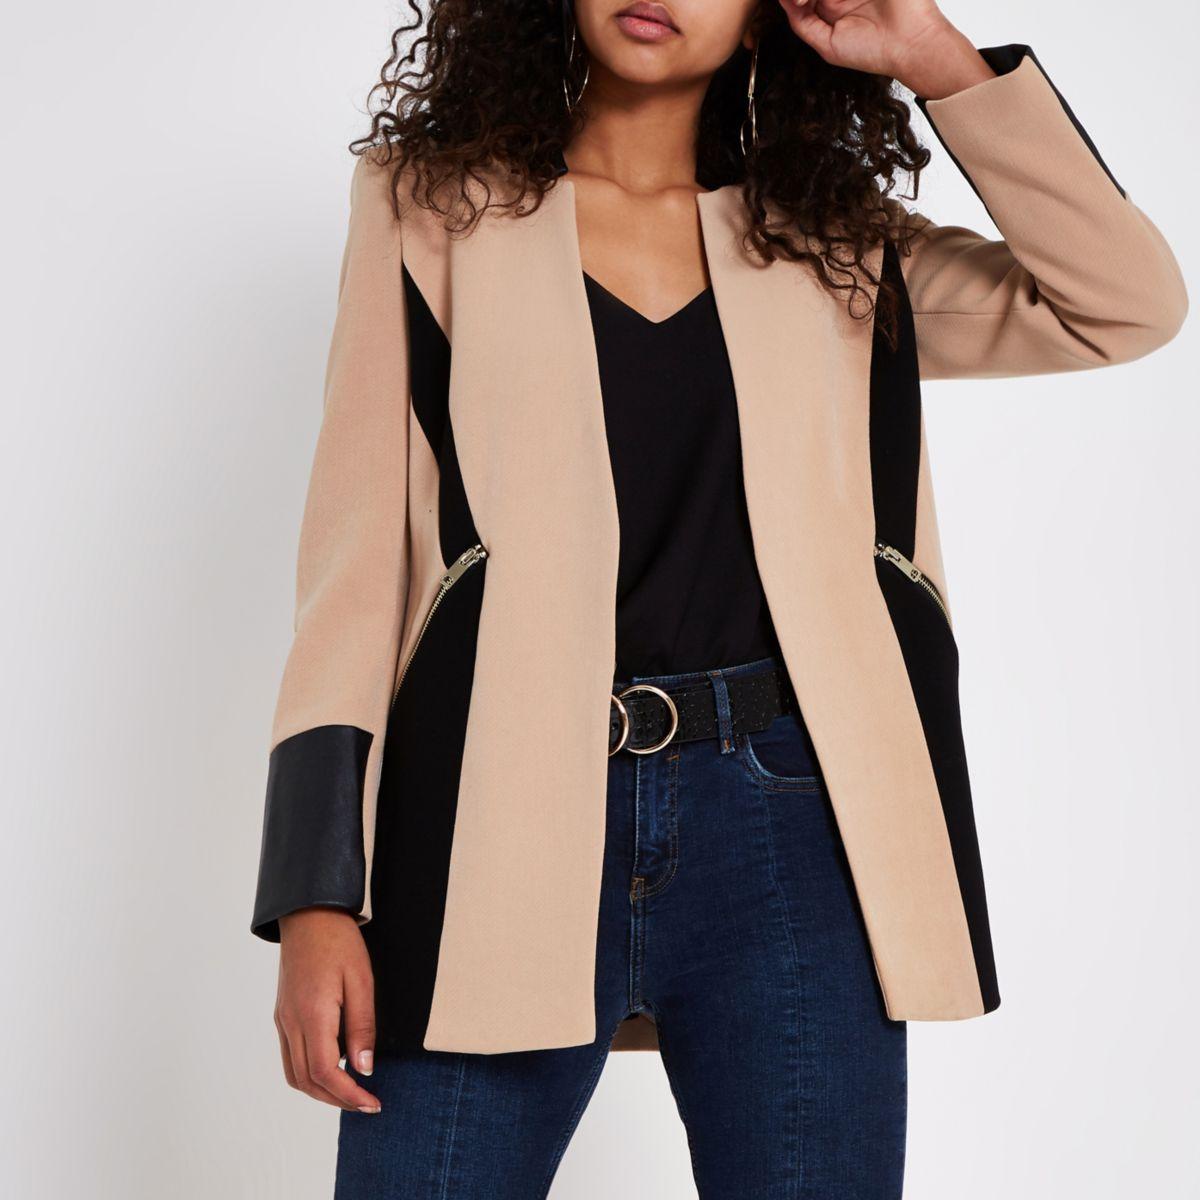 Camel faux leather color block blazer